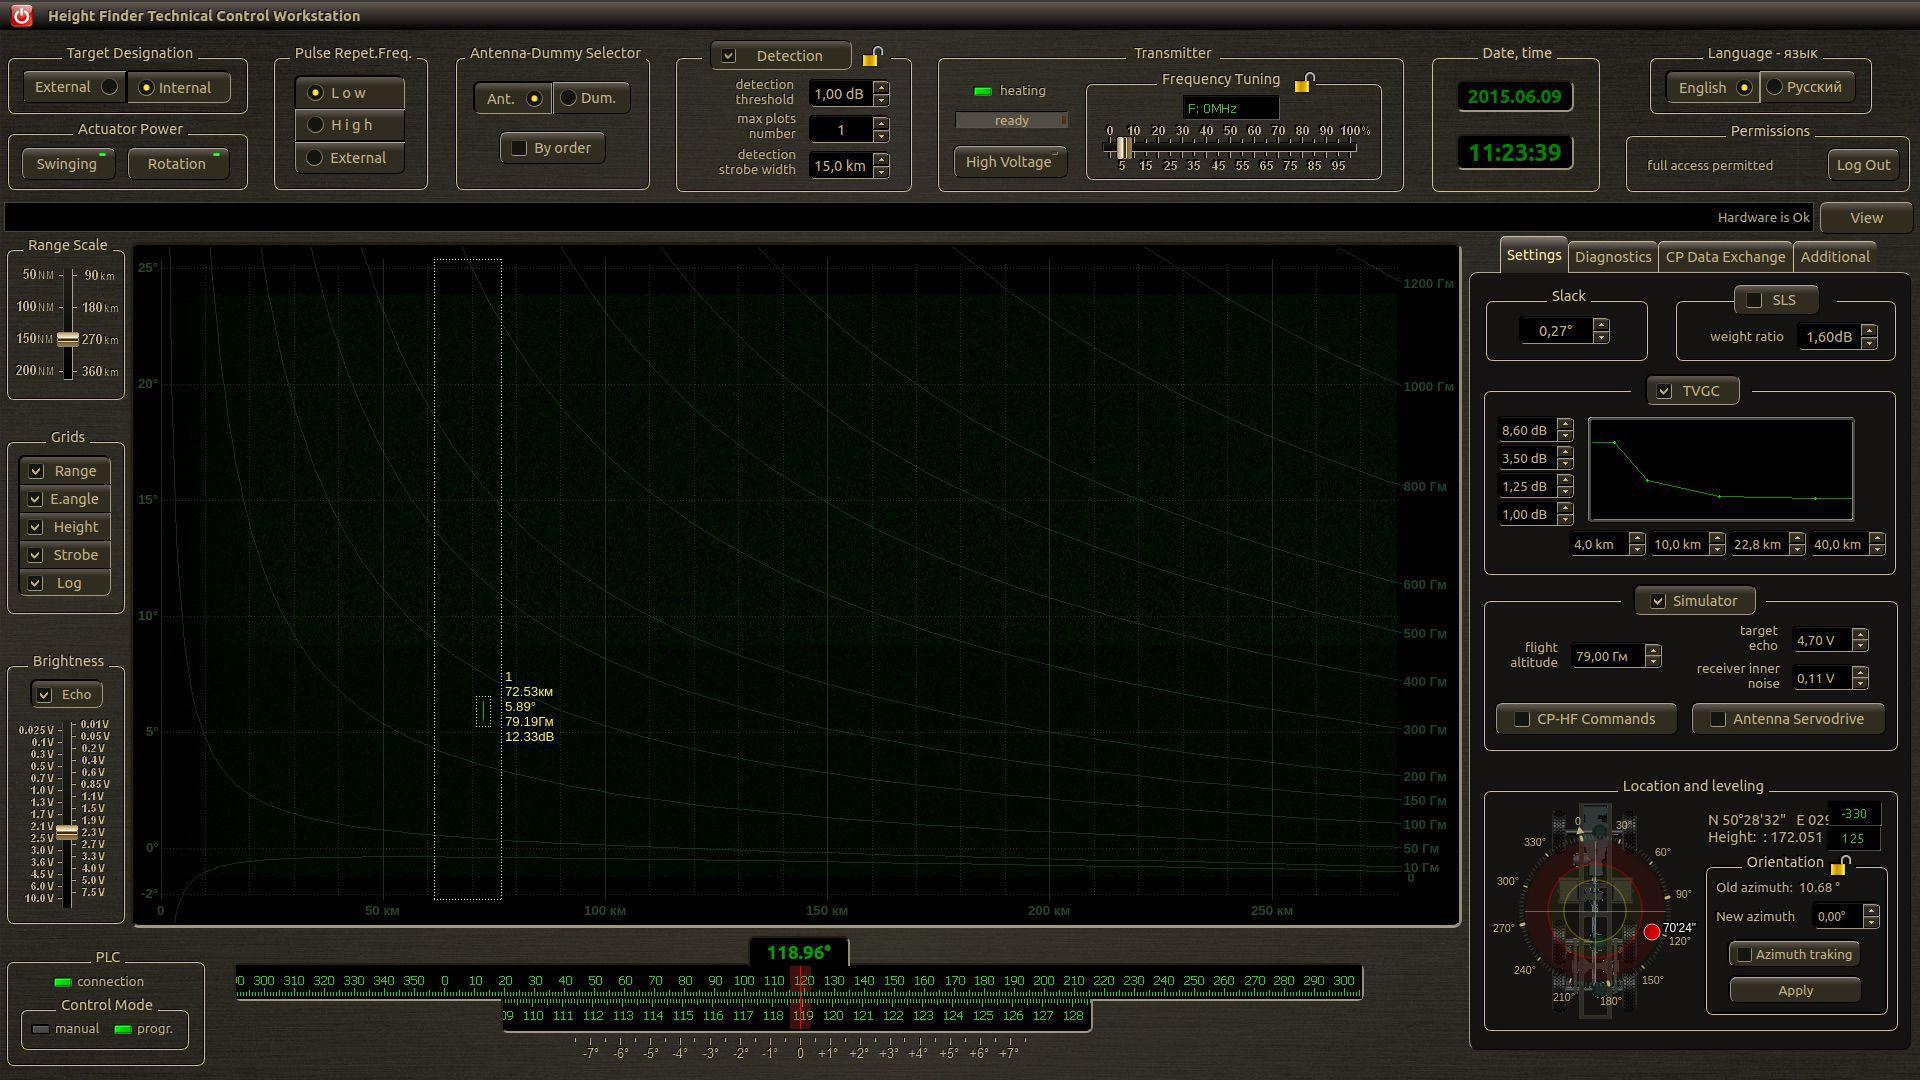 Entfernungsmesser Radar : Radar zur Überwachung primär boden prv ma aerotechnica